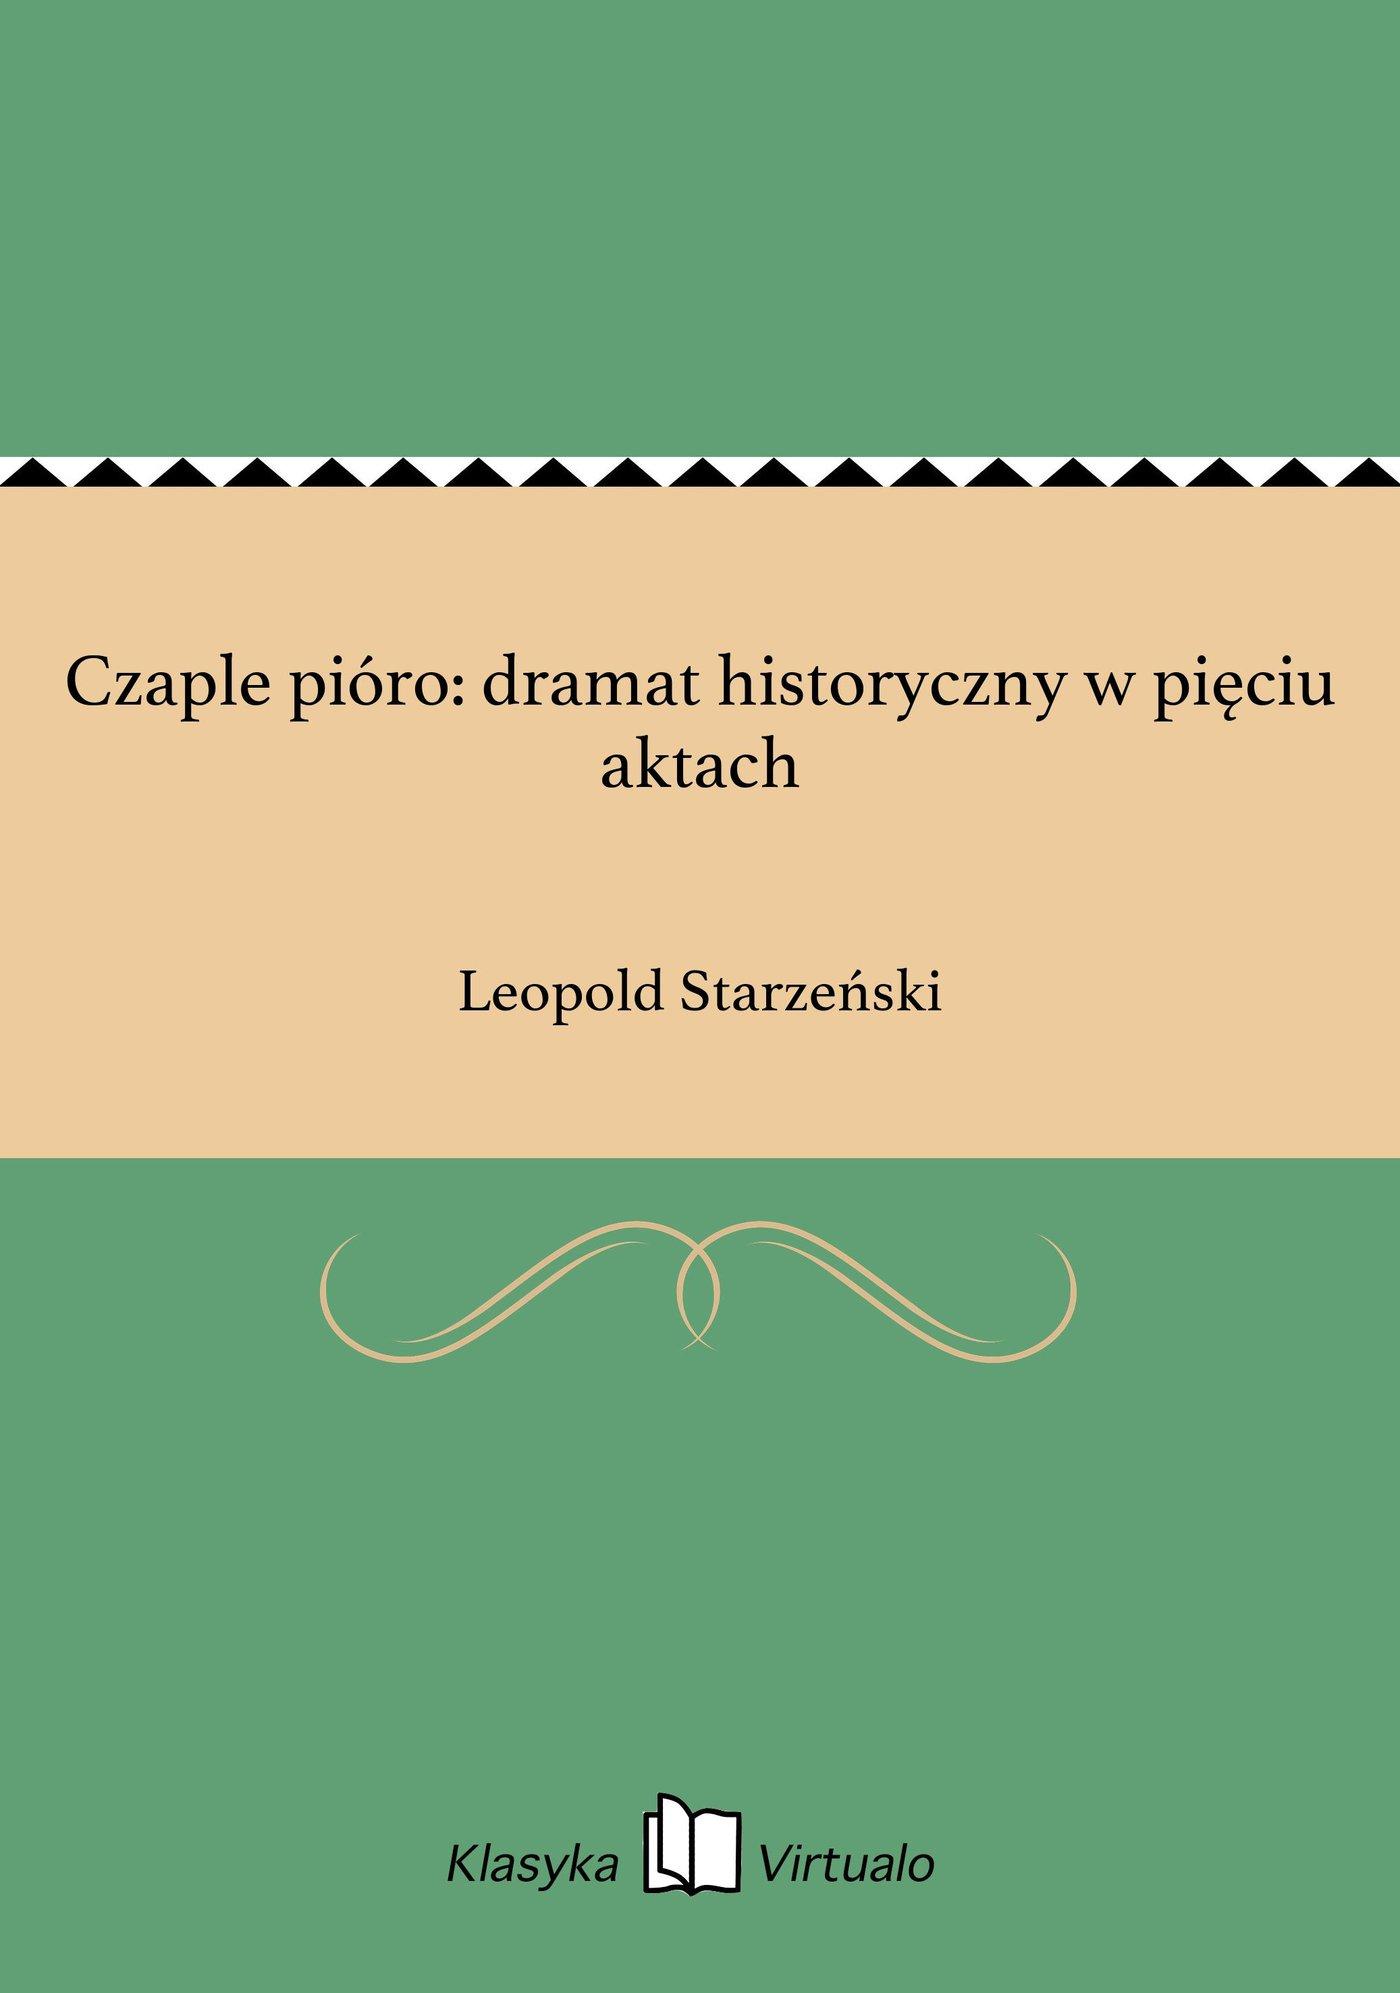 Czaple pióro: dramat historyczny w pięciu aktach - Ebook (Książka EPUB) do pobrania w formacie EPUB